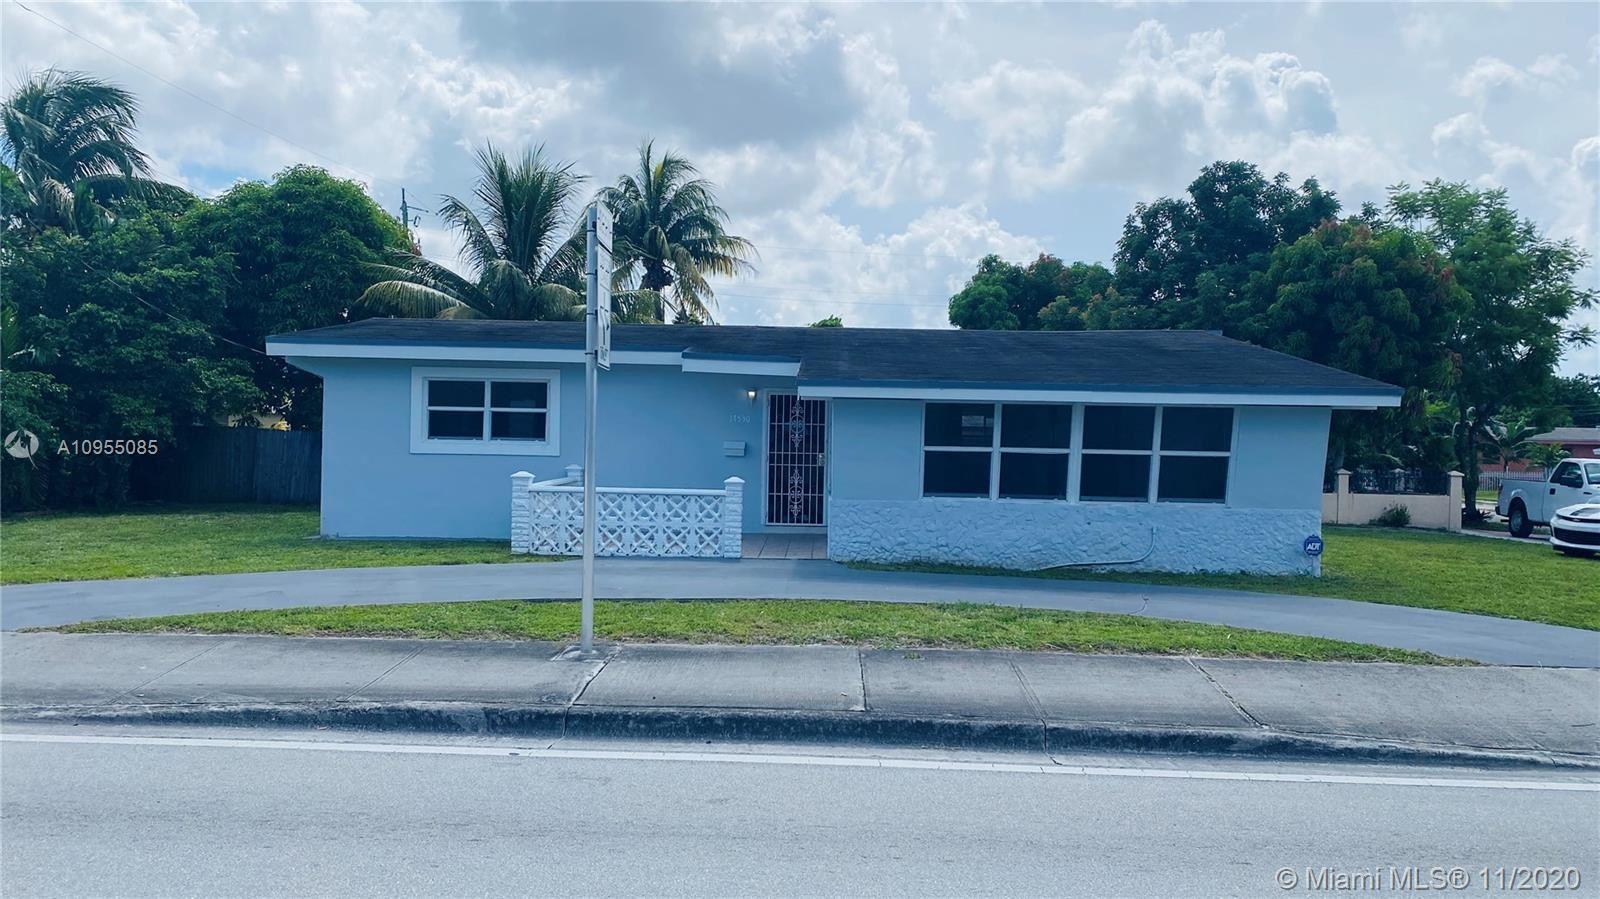 17530 NE 6th Ave, North Miami Beach, FL 33162 - #: A10955085